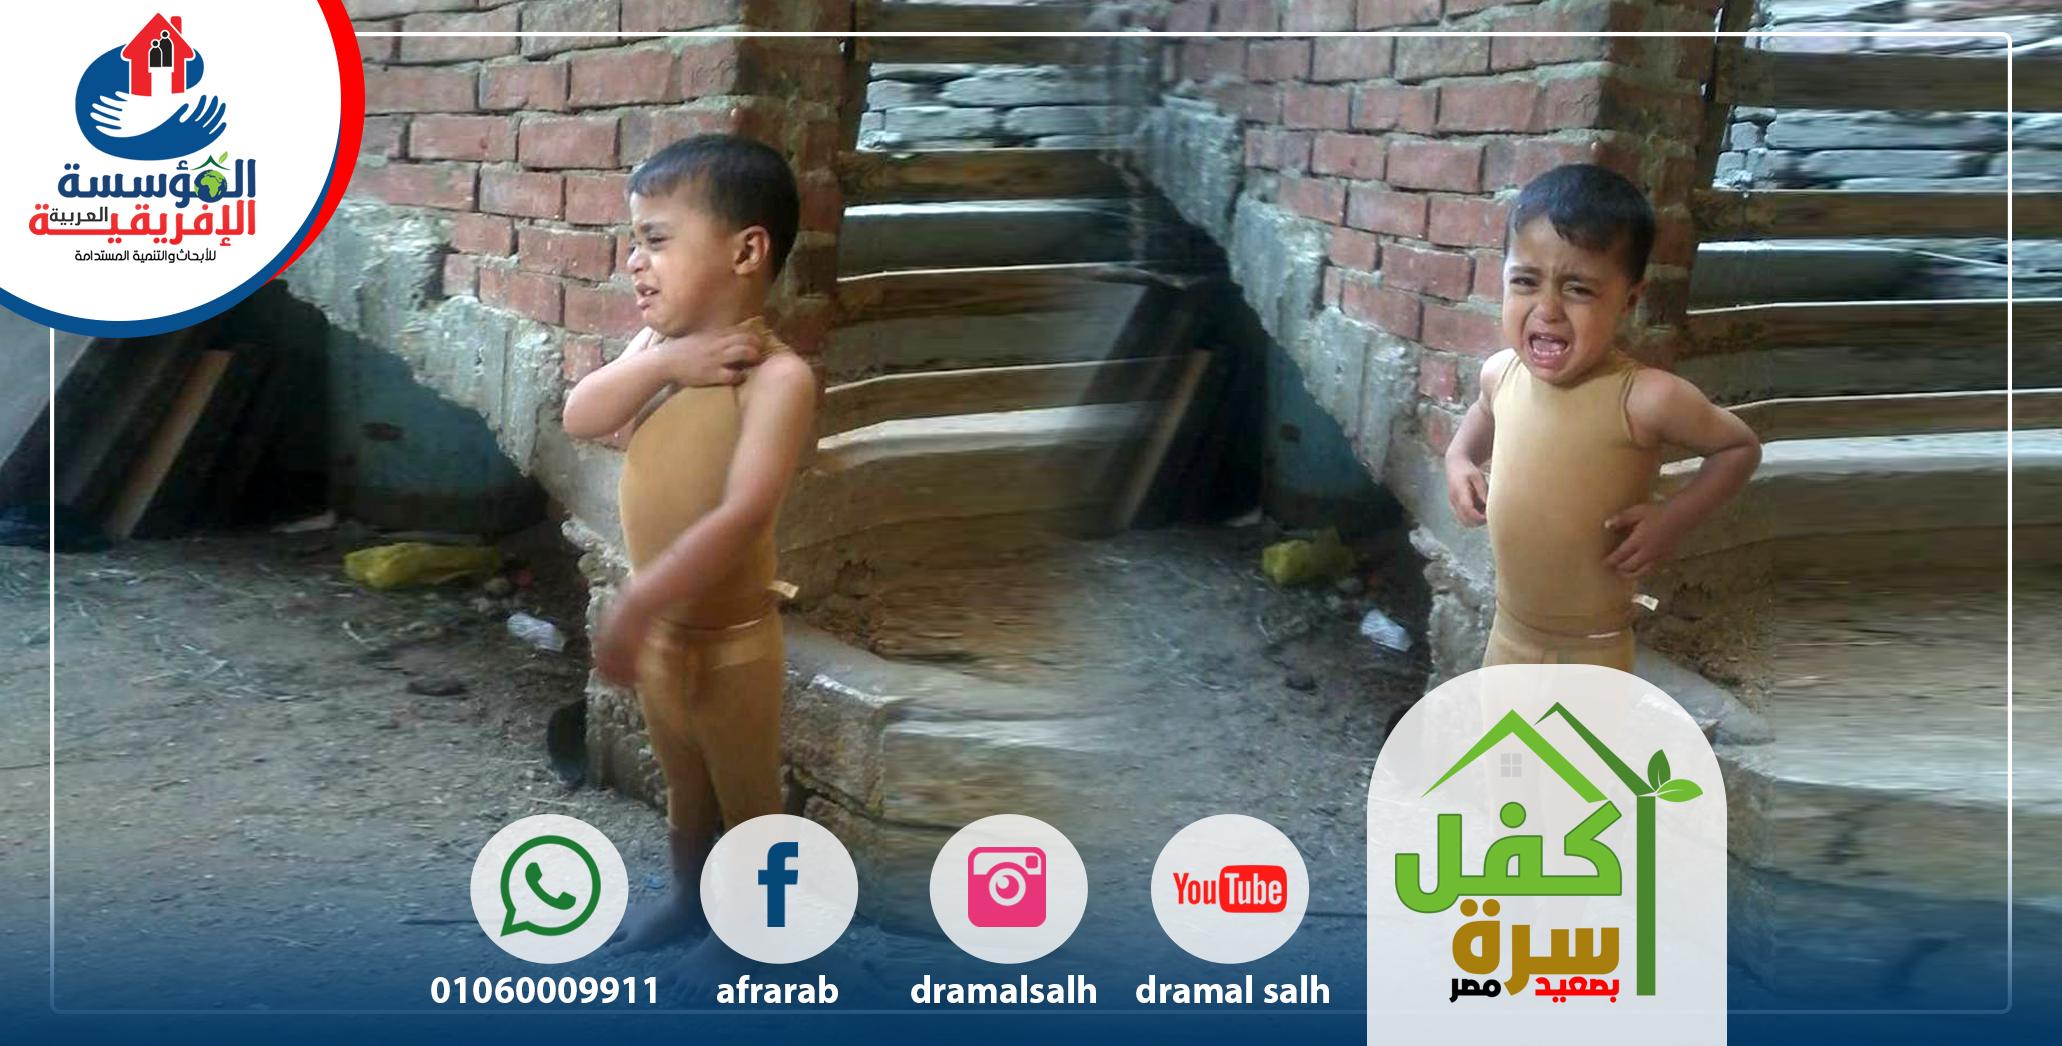 Photo of مساهمات المؤسسة العربية الأفريقية فى حالات الحروق عند الأطفال